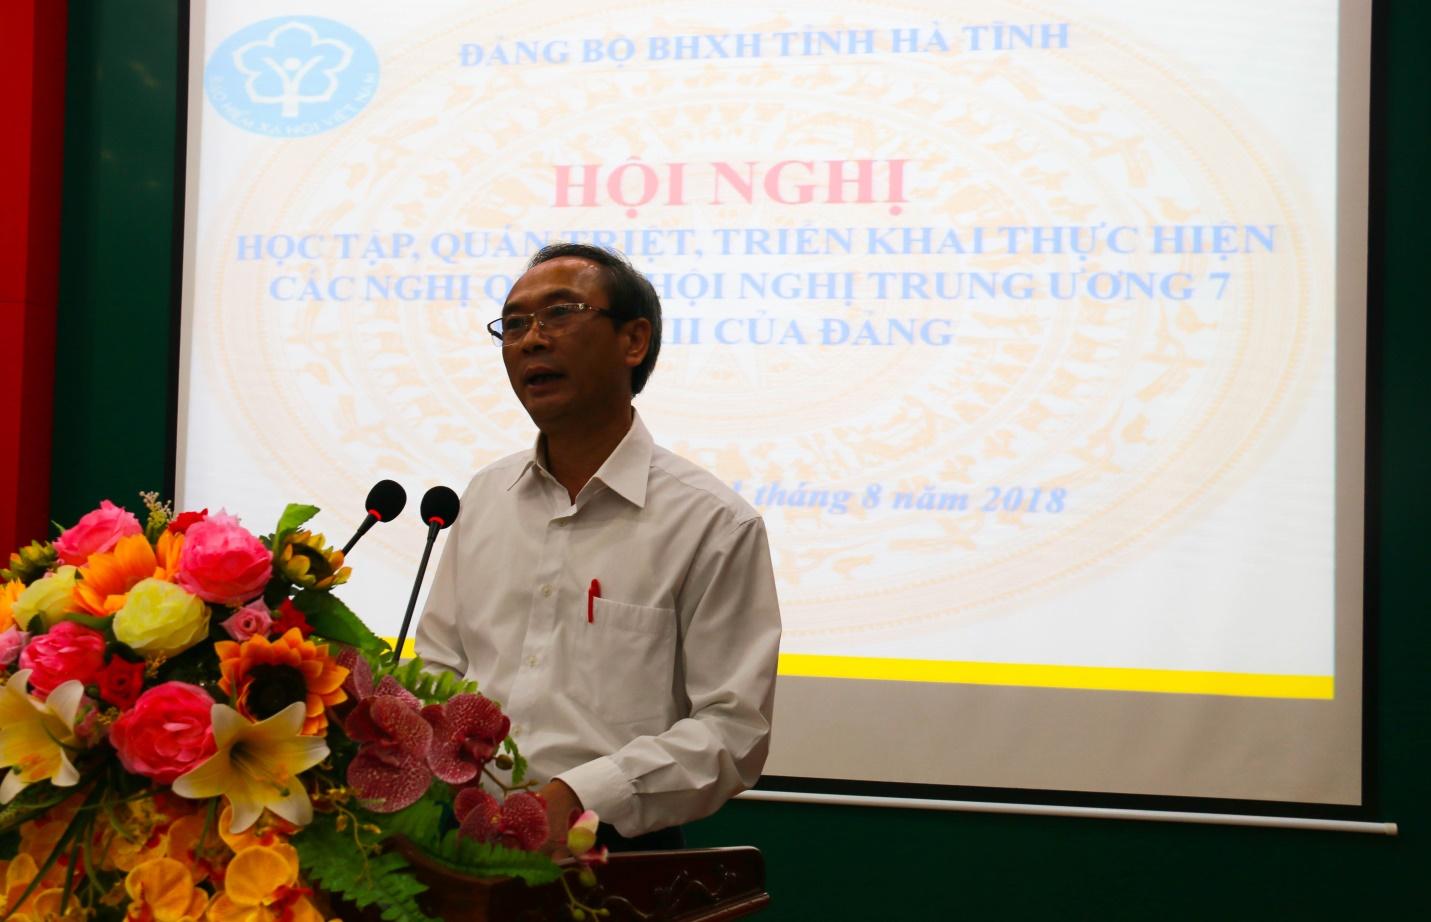 Đảng bộ BHXH Hà Tĩnh: Tổ chức Hội nghị học tập, quán triệt các Nghị quyết Hội nghị Trung ương 7 (Khóa XII)